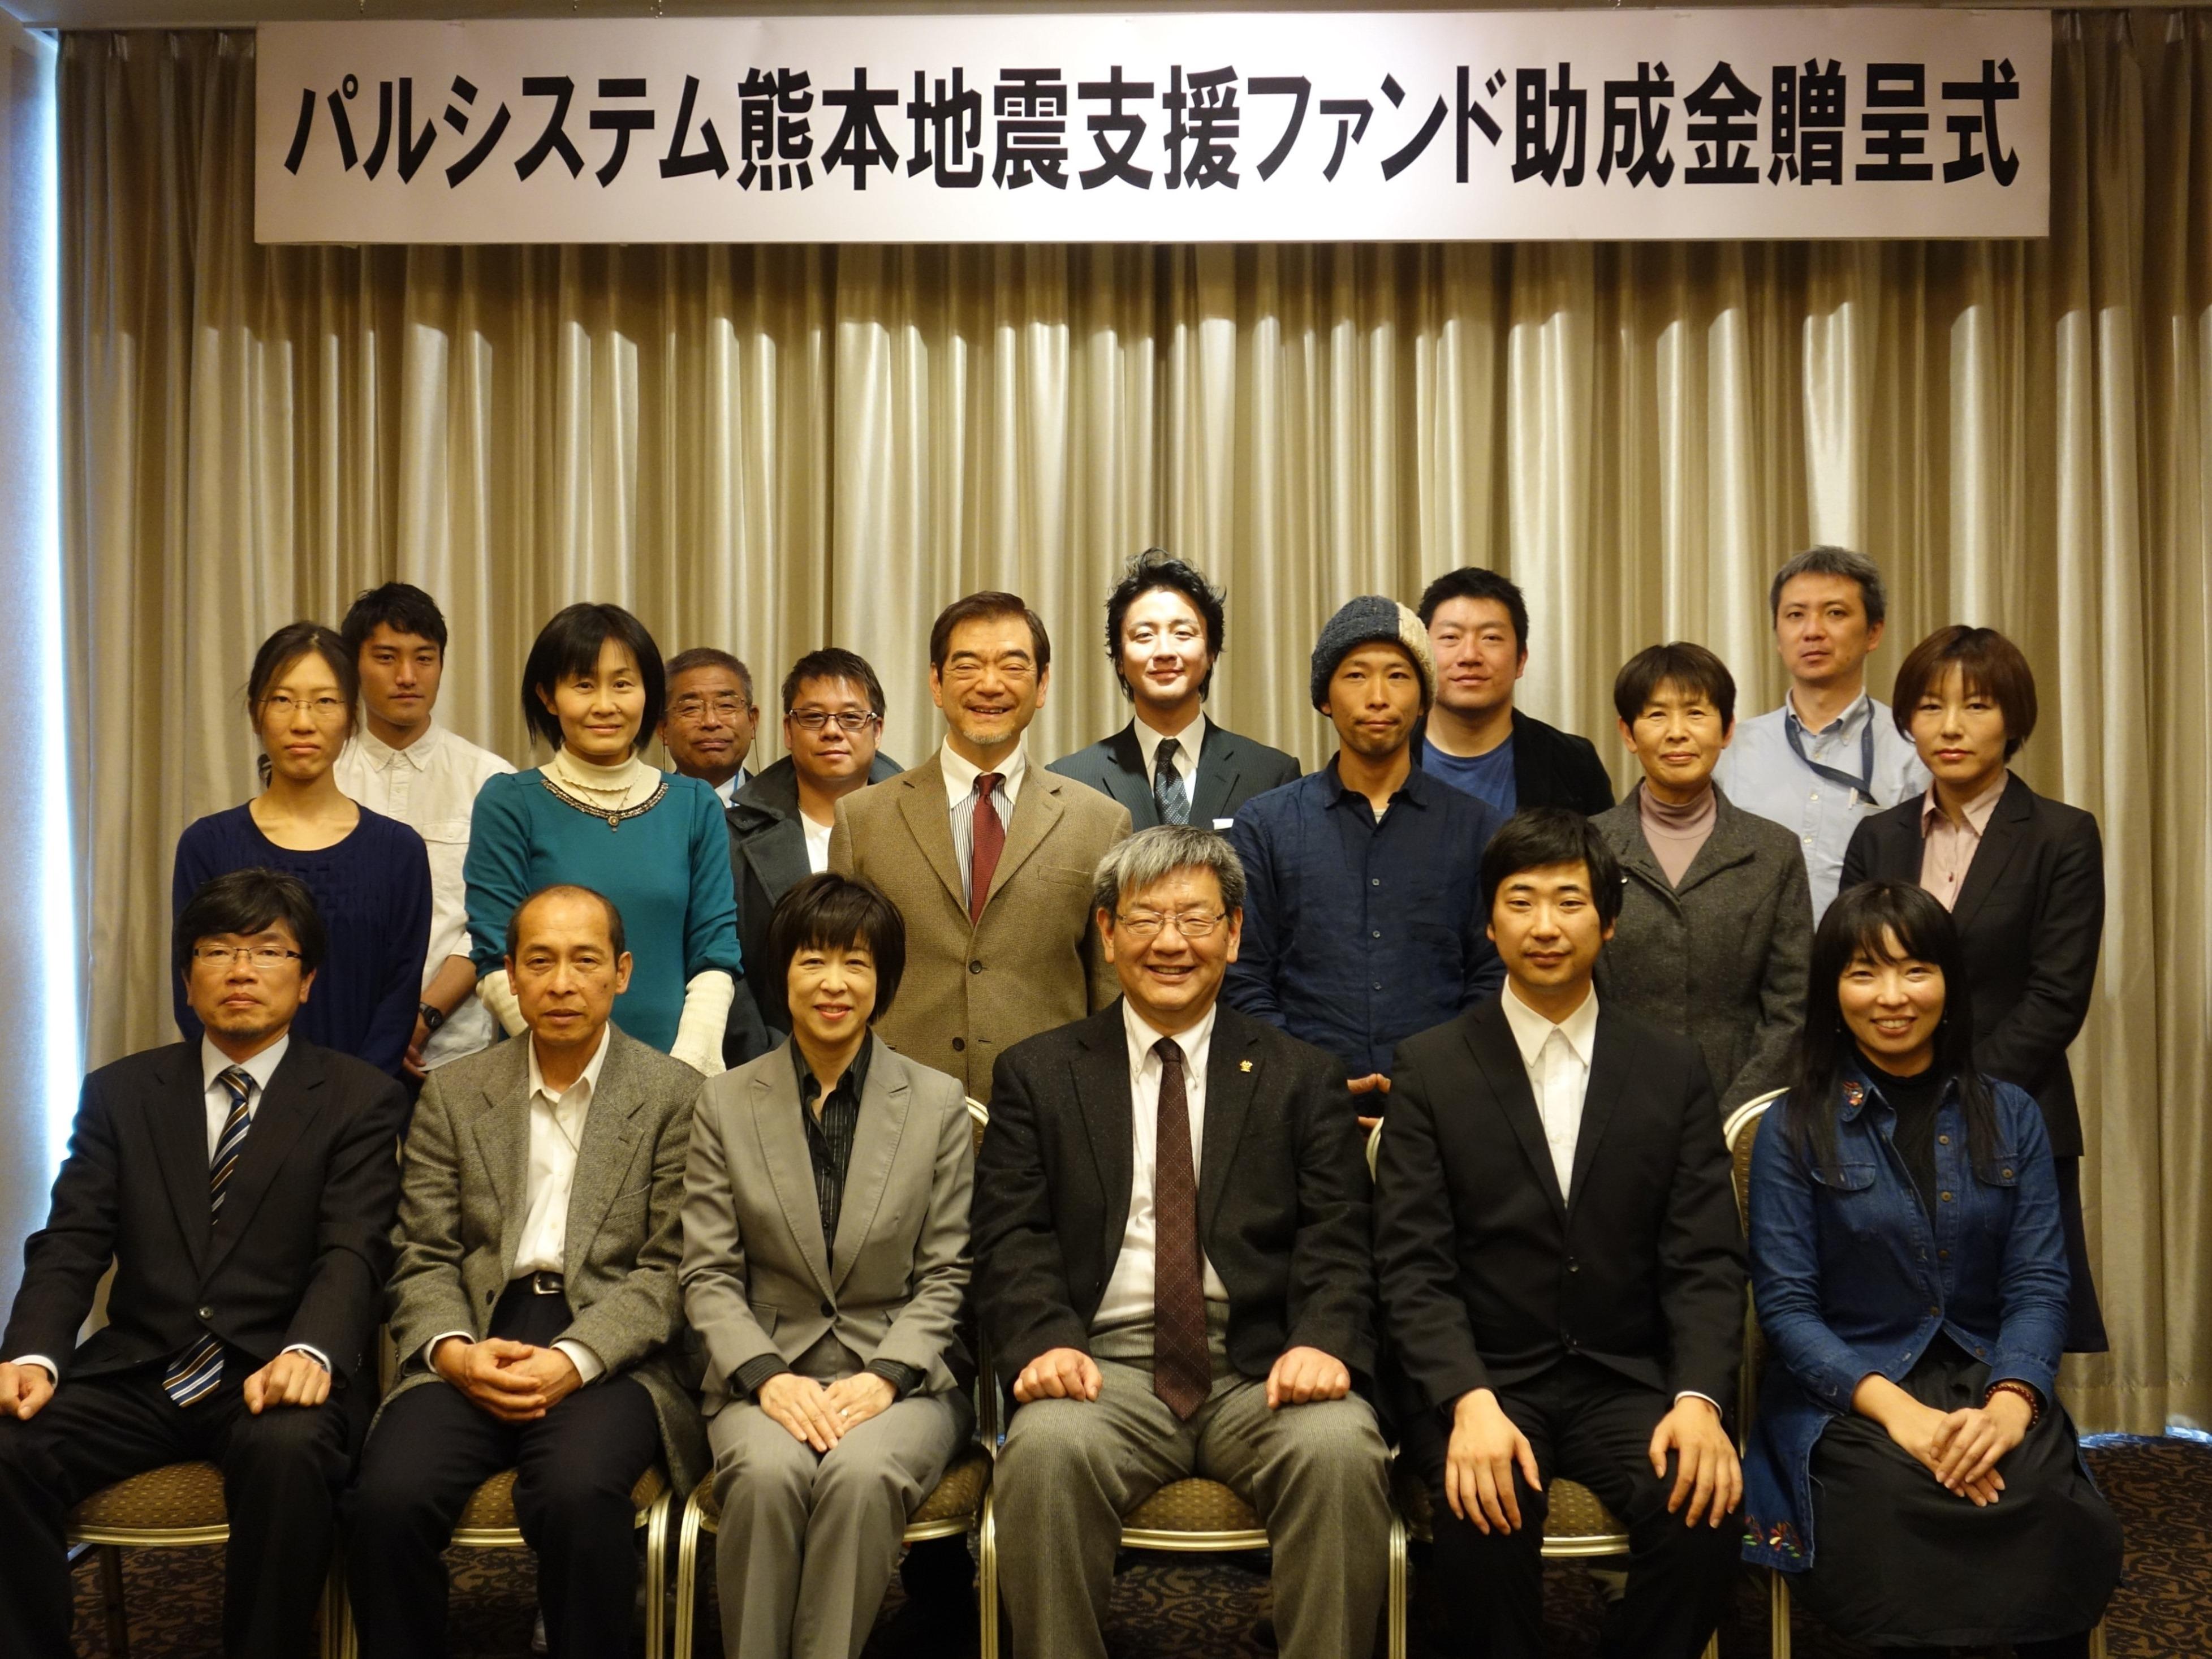 「パルシステム熊本地震支援ファンド」の助成金贈呈式